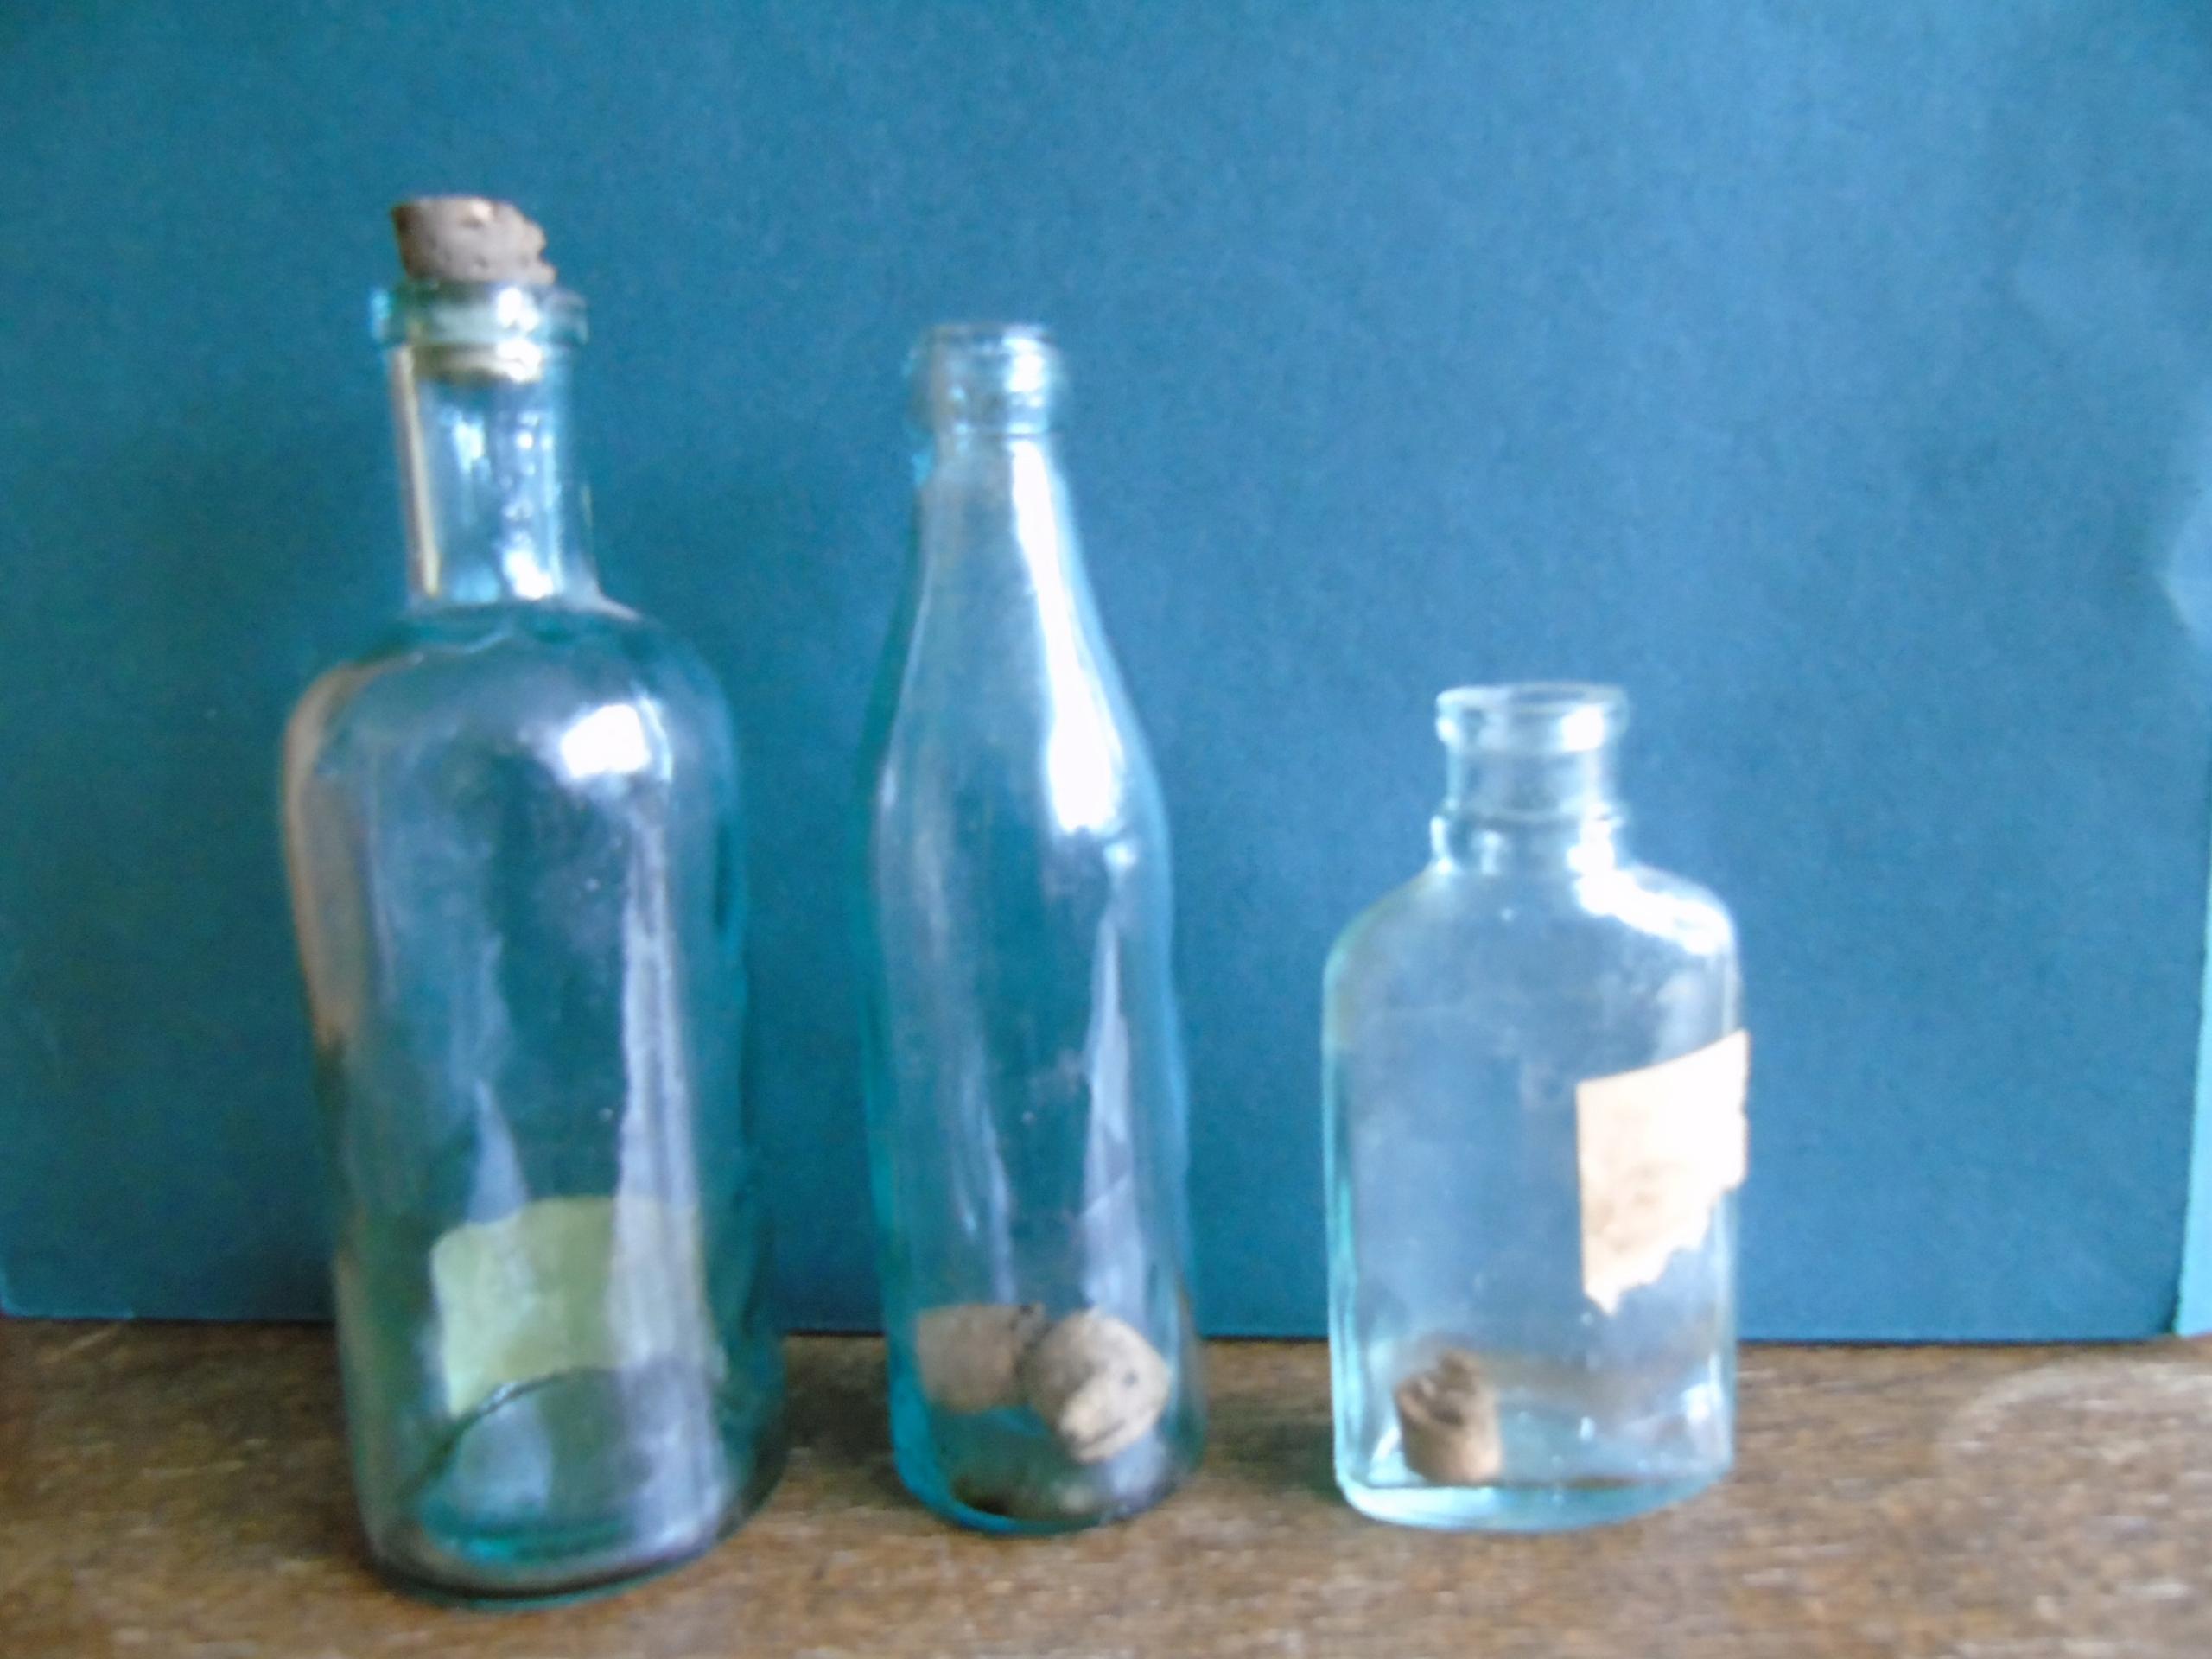 Stare butelki po lekach